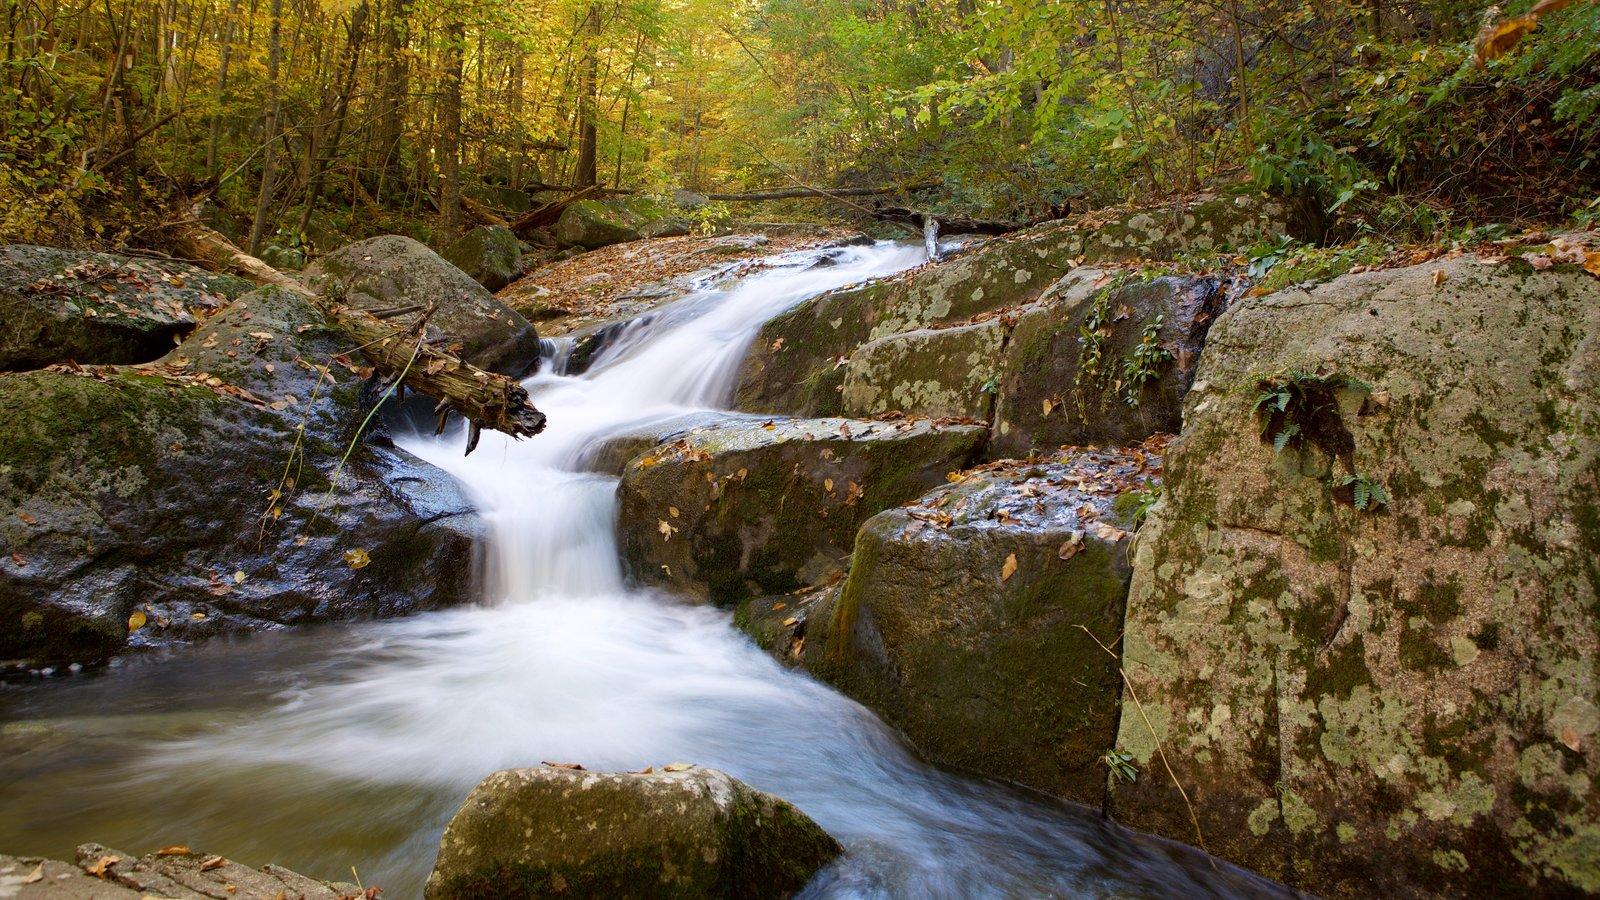 Parque Nacional Shenandoah ofreciendo escenas forestales, los colores del otoño y un río o arroyo